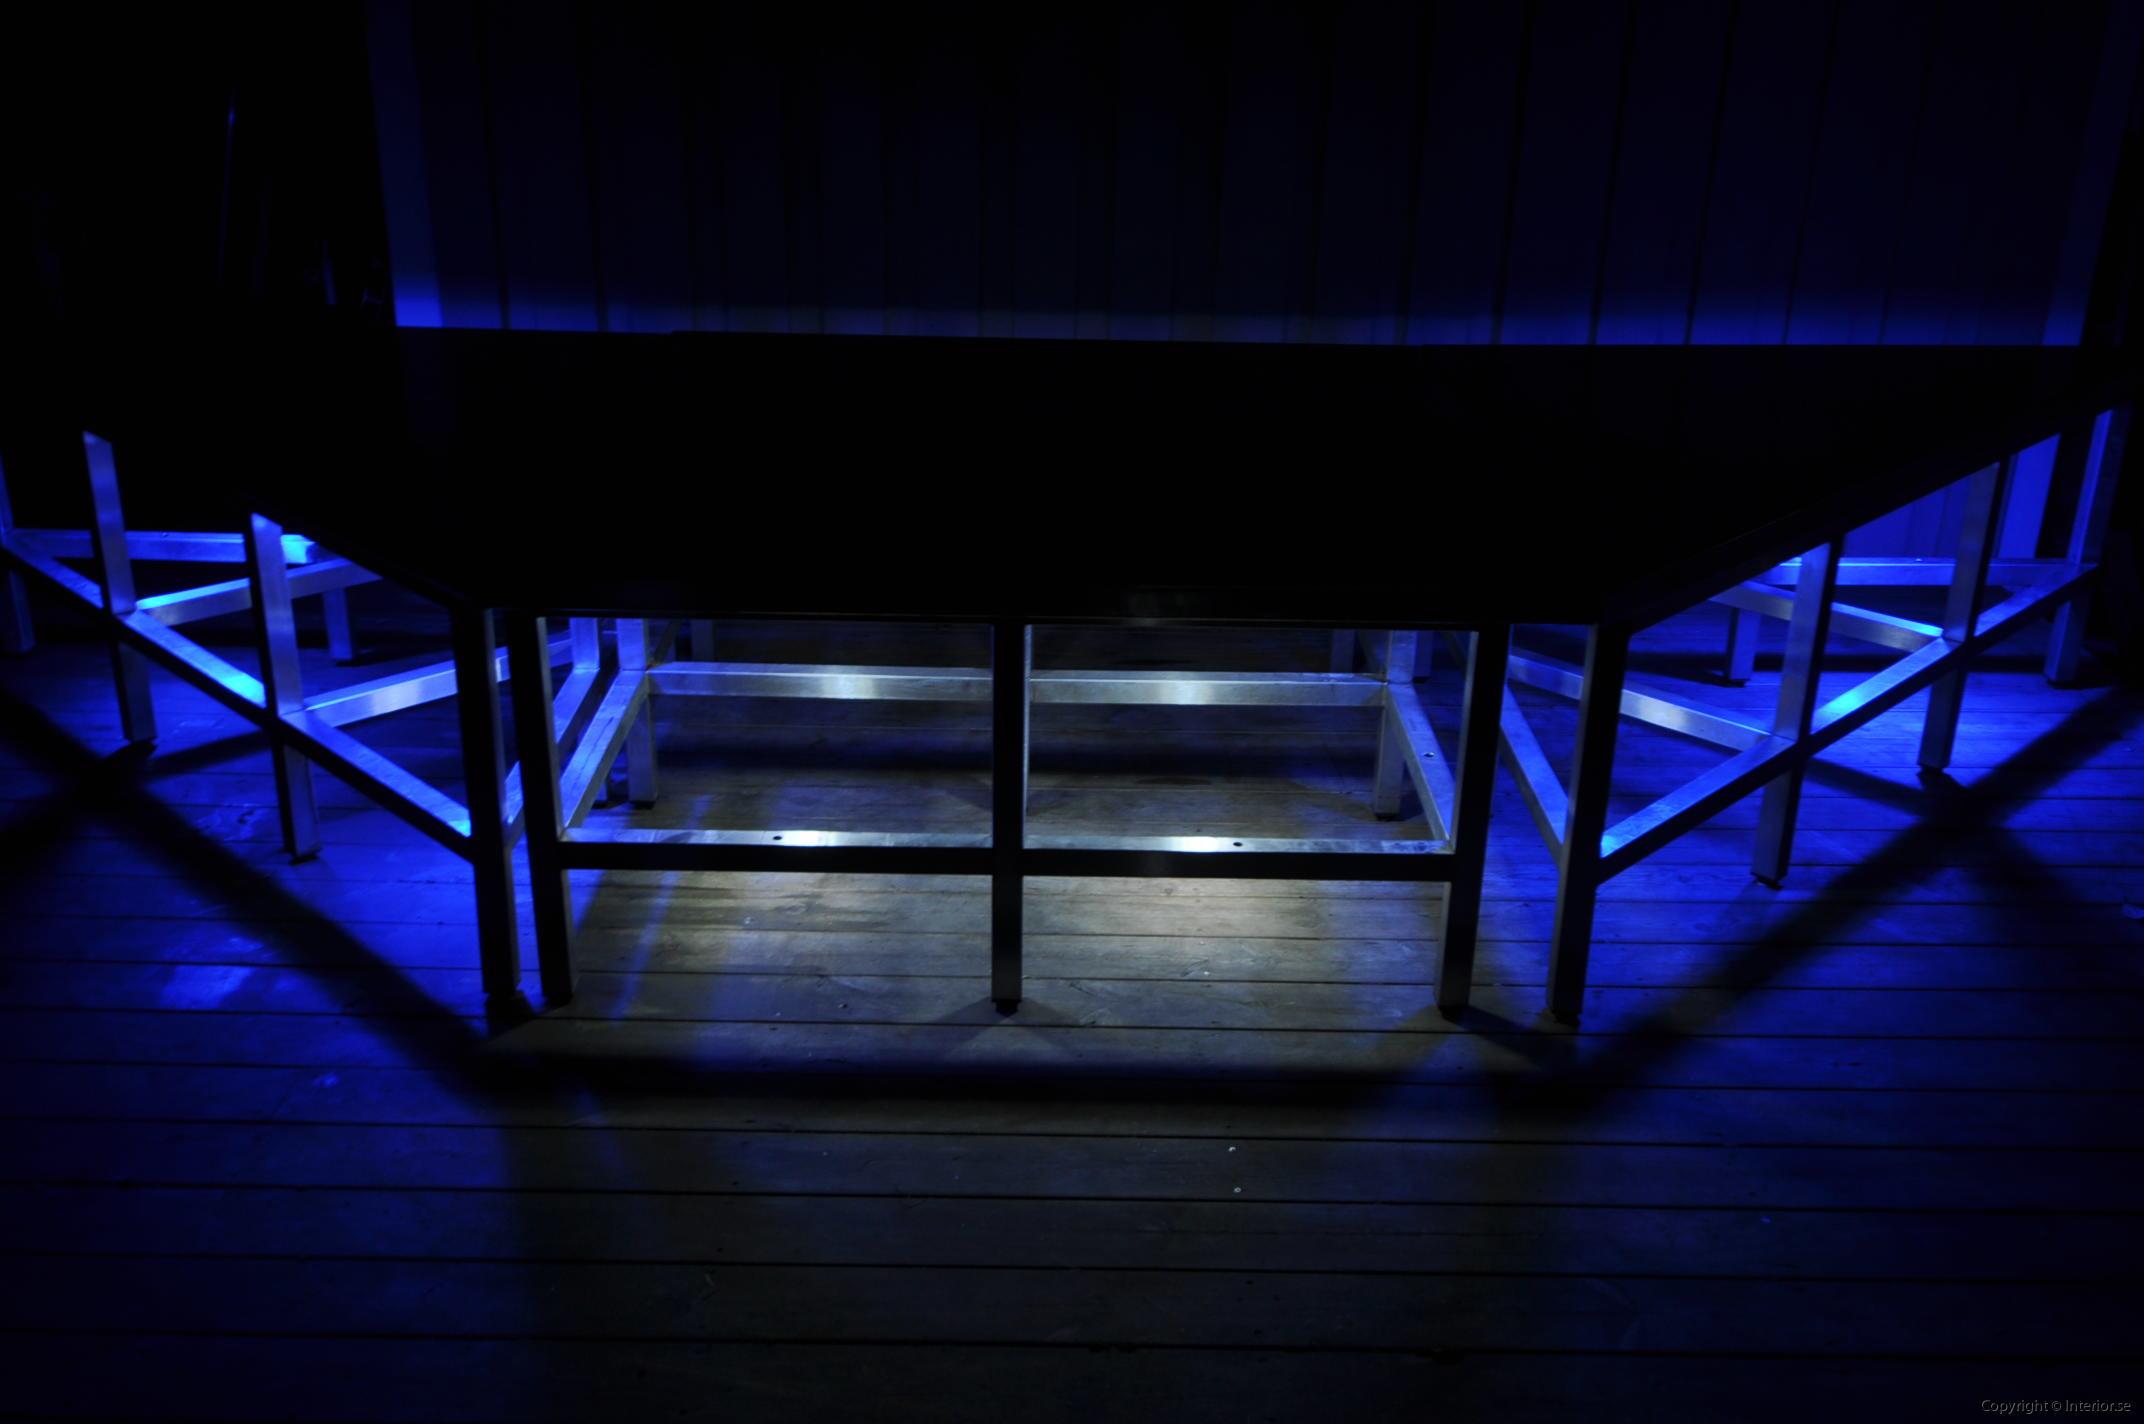 hyra scen podier podium rostfri dansscen hyr stockholm event möbler inredning (10)